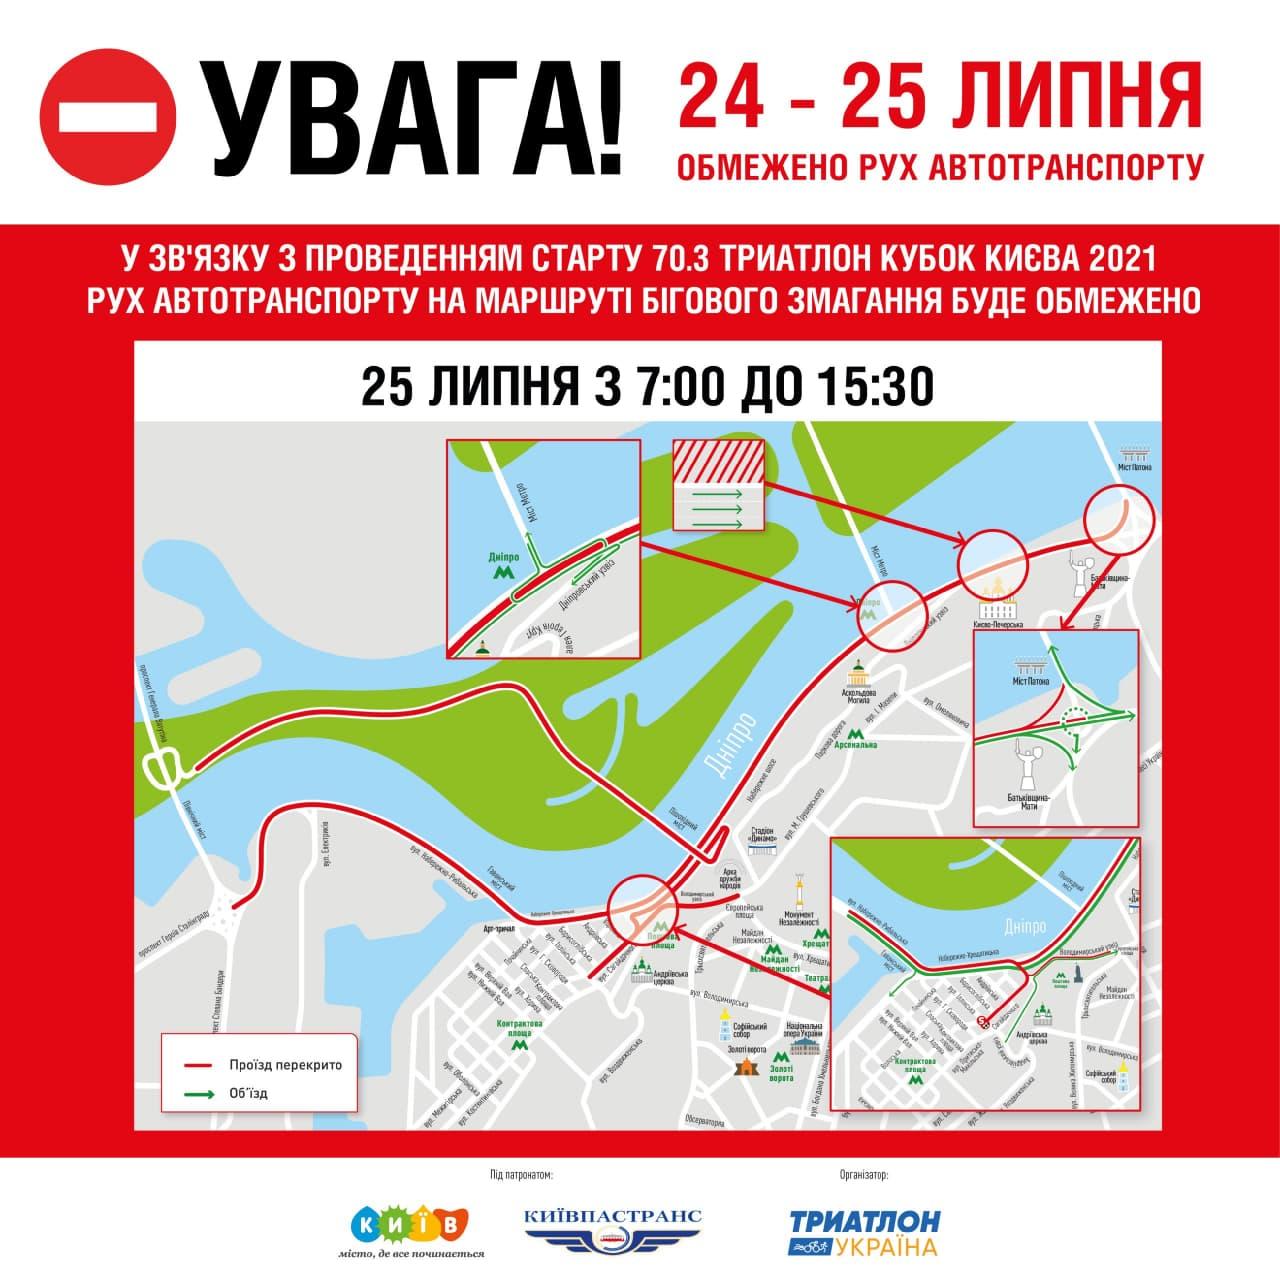 В центре Киева 24-25 июля ограничат движение из-за соревнований: карта